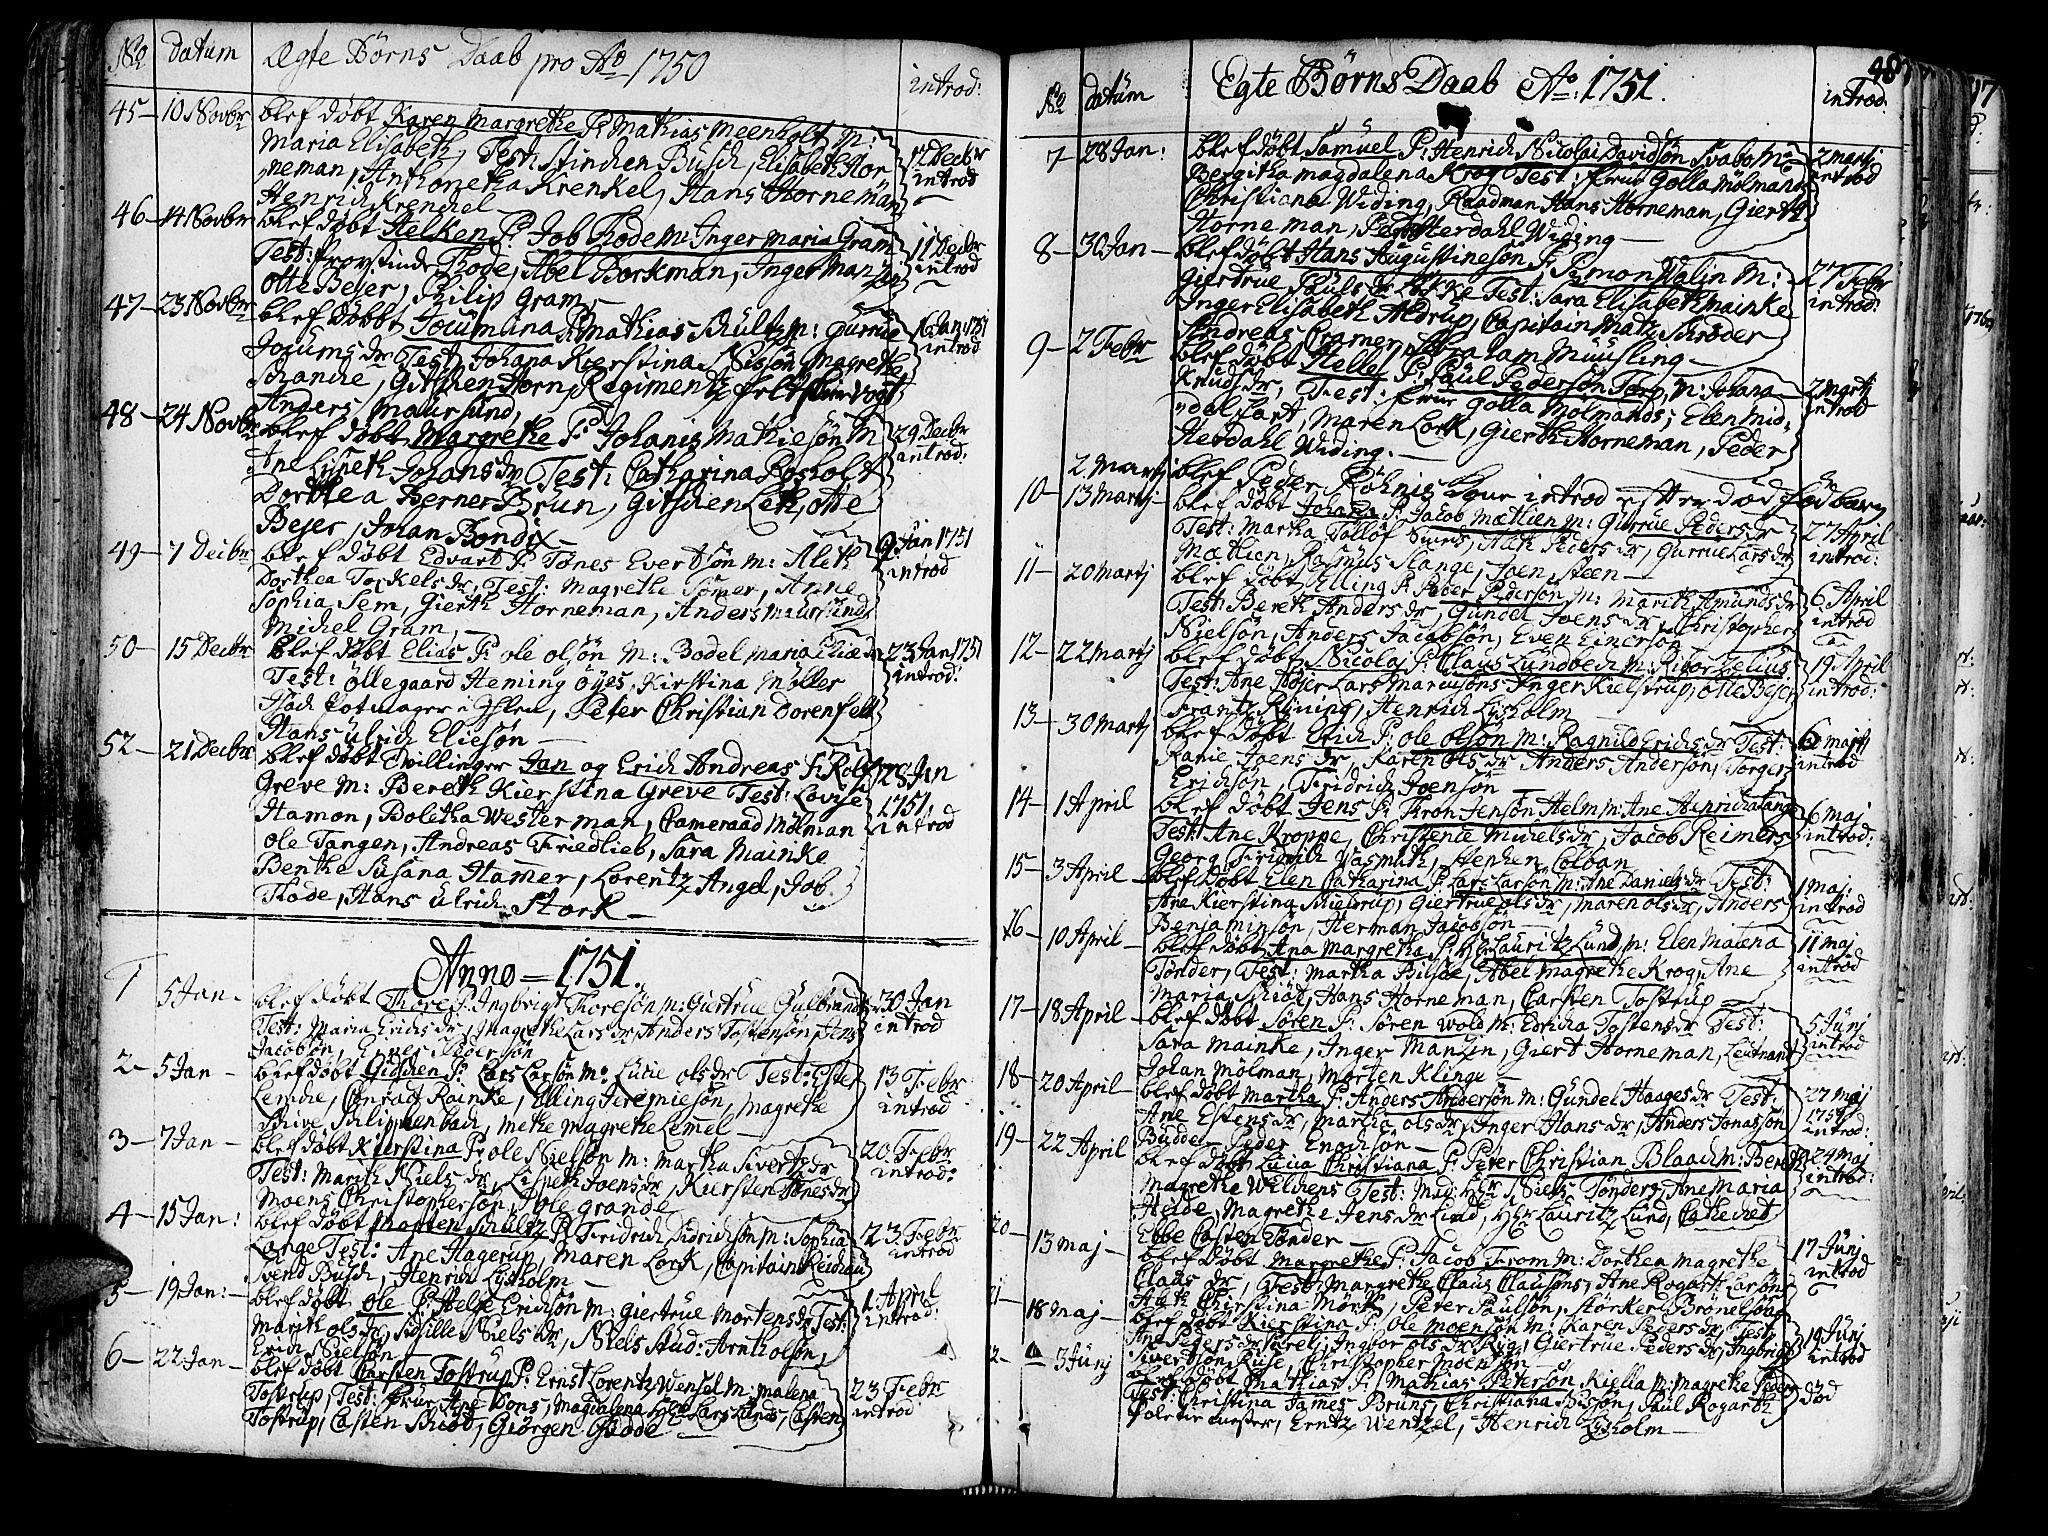 SAT, Ministerialprotokoller, klokkerbøker og fødselsregistre - Sør-Trøndelag, 602/L0103: Ministerialbok nr. 602A01, 1732-1774, s. 48